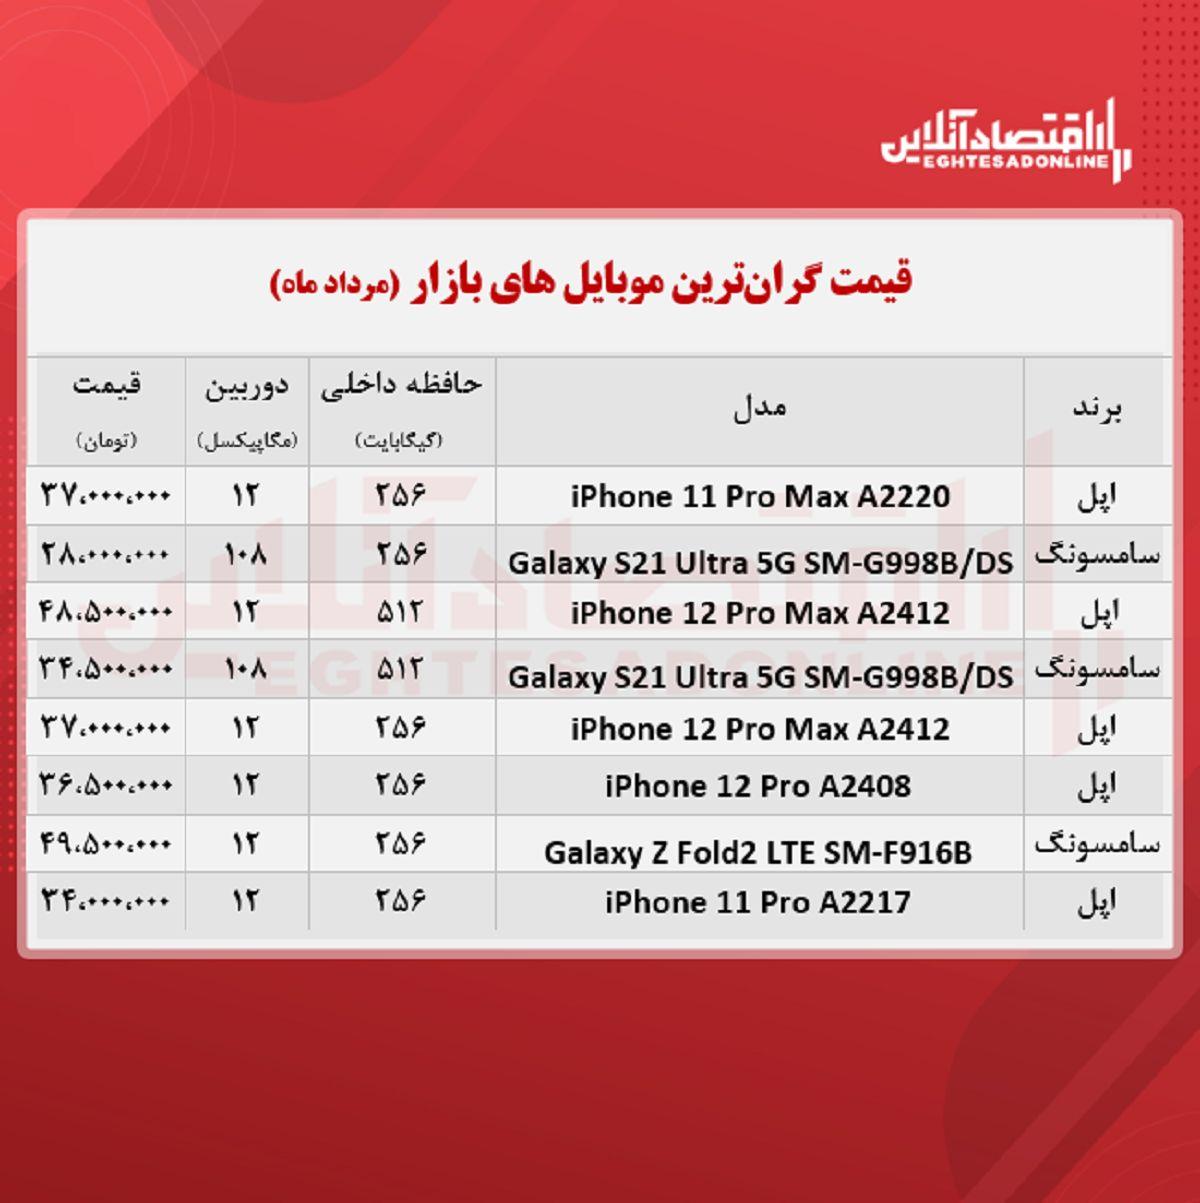 قیمت گران ترین گوشی های بازار / ۳۱مرداد